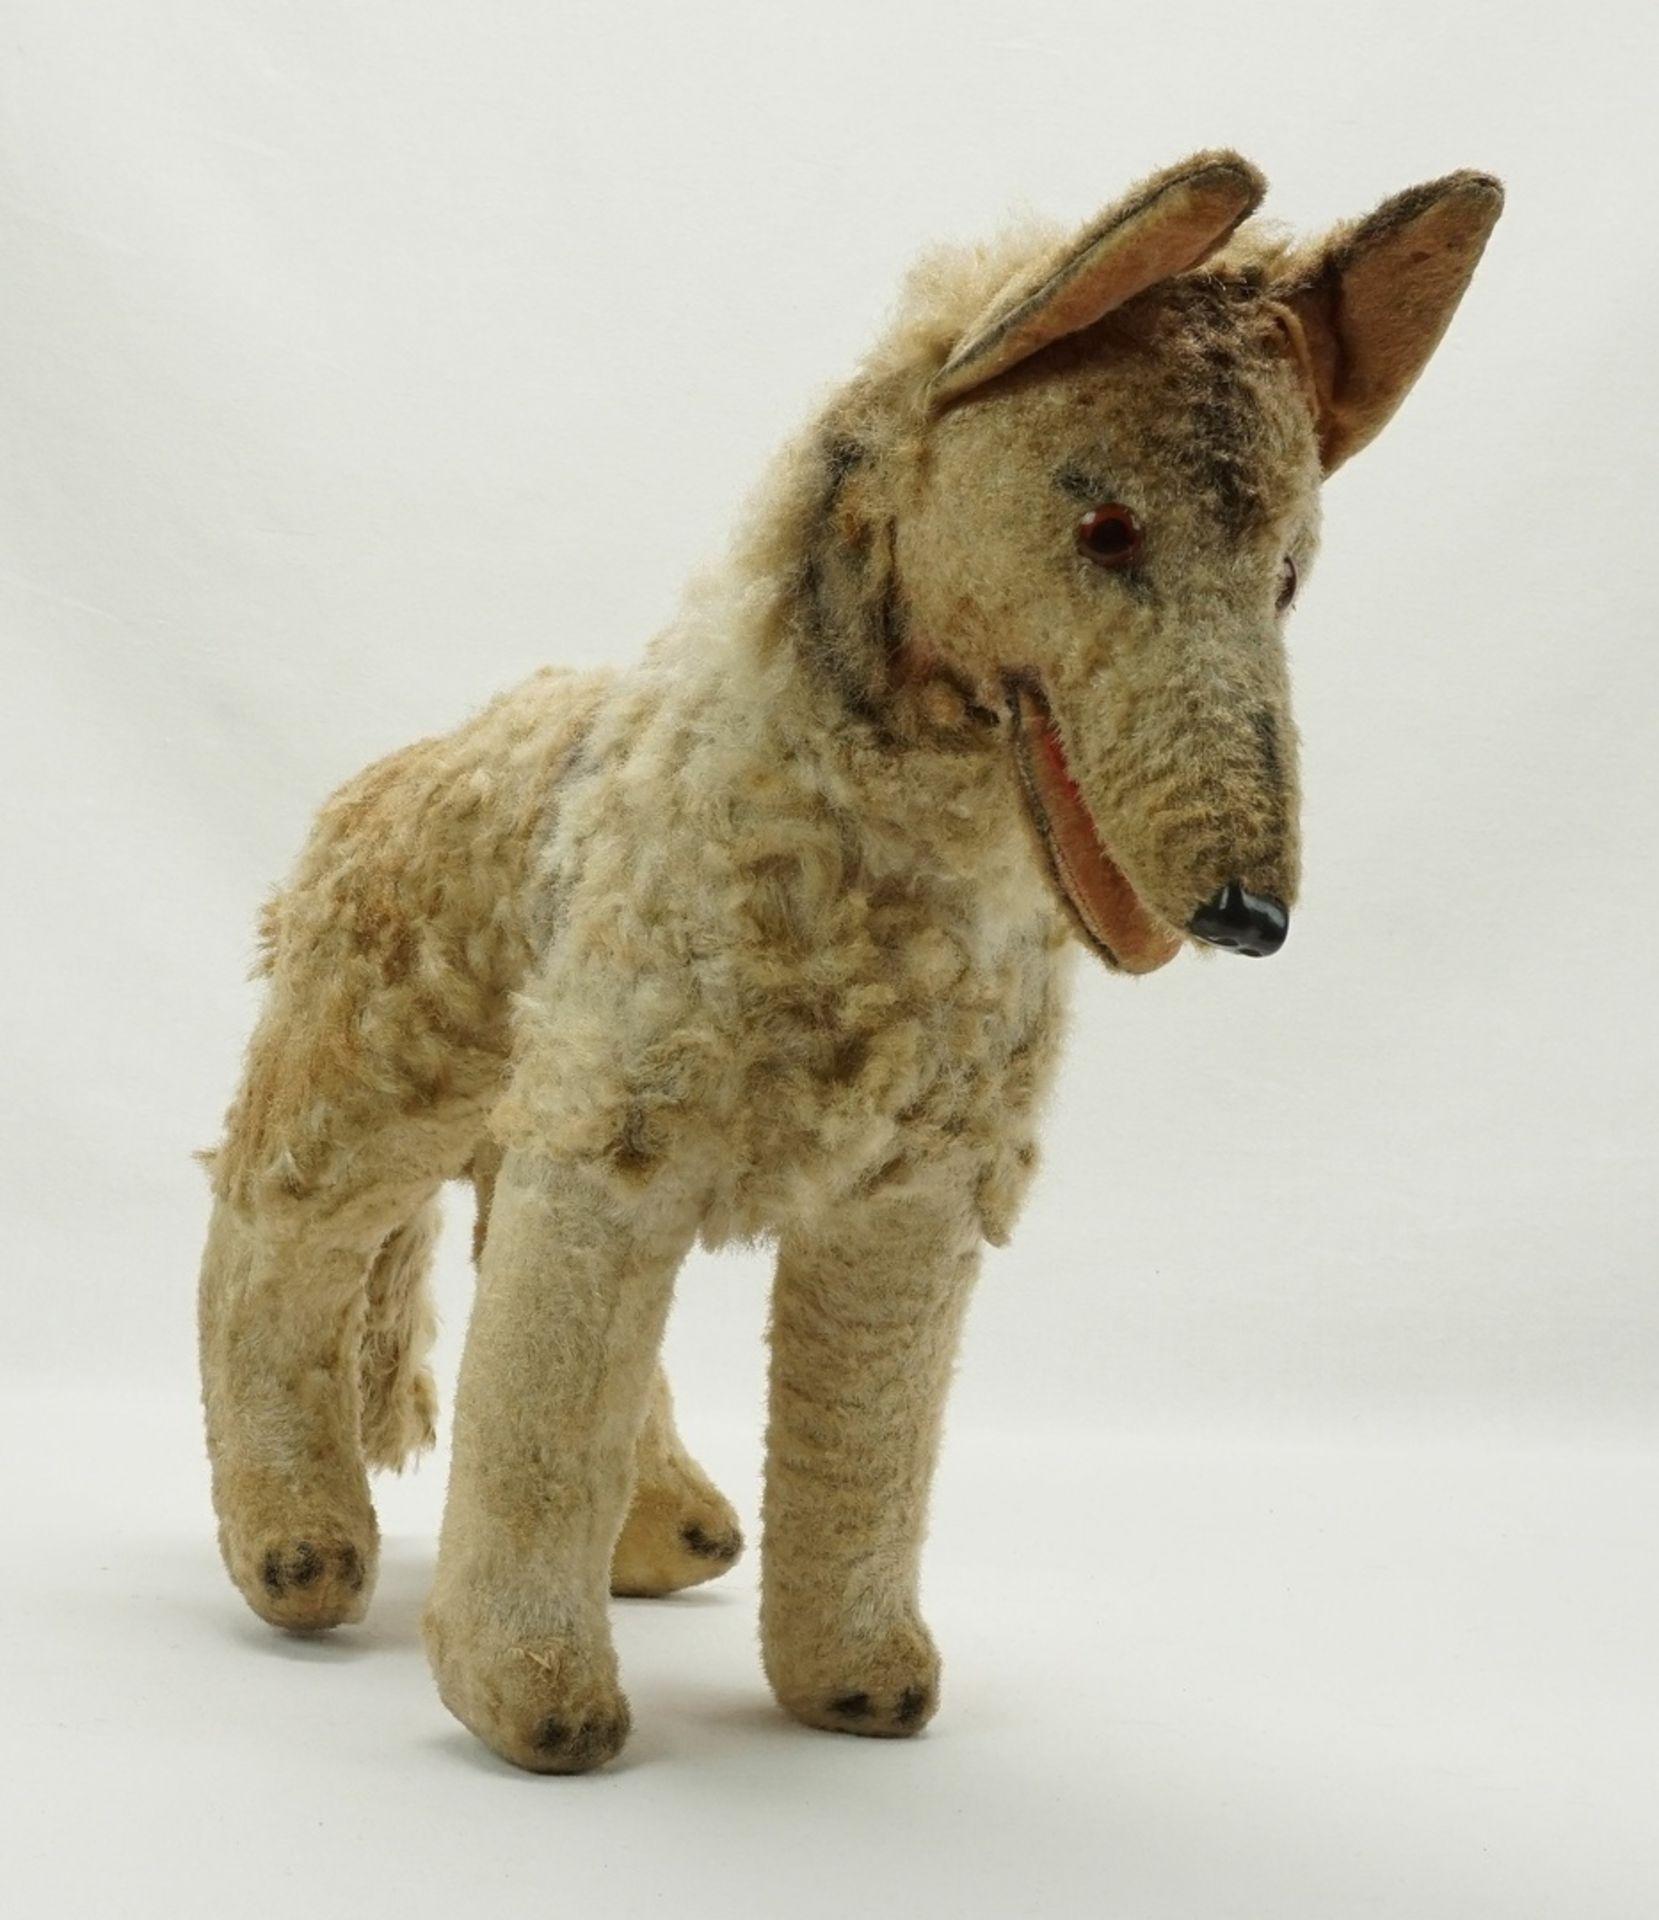 Hund mit Holzwolle Füllung, 1. Hälfte 20. Jh. - Bild 2 aus 2